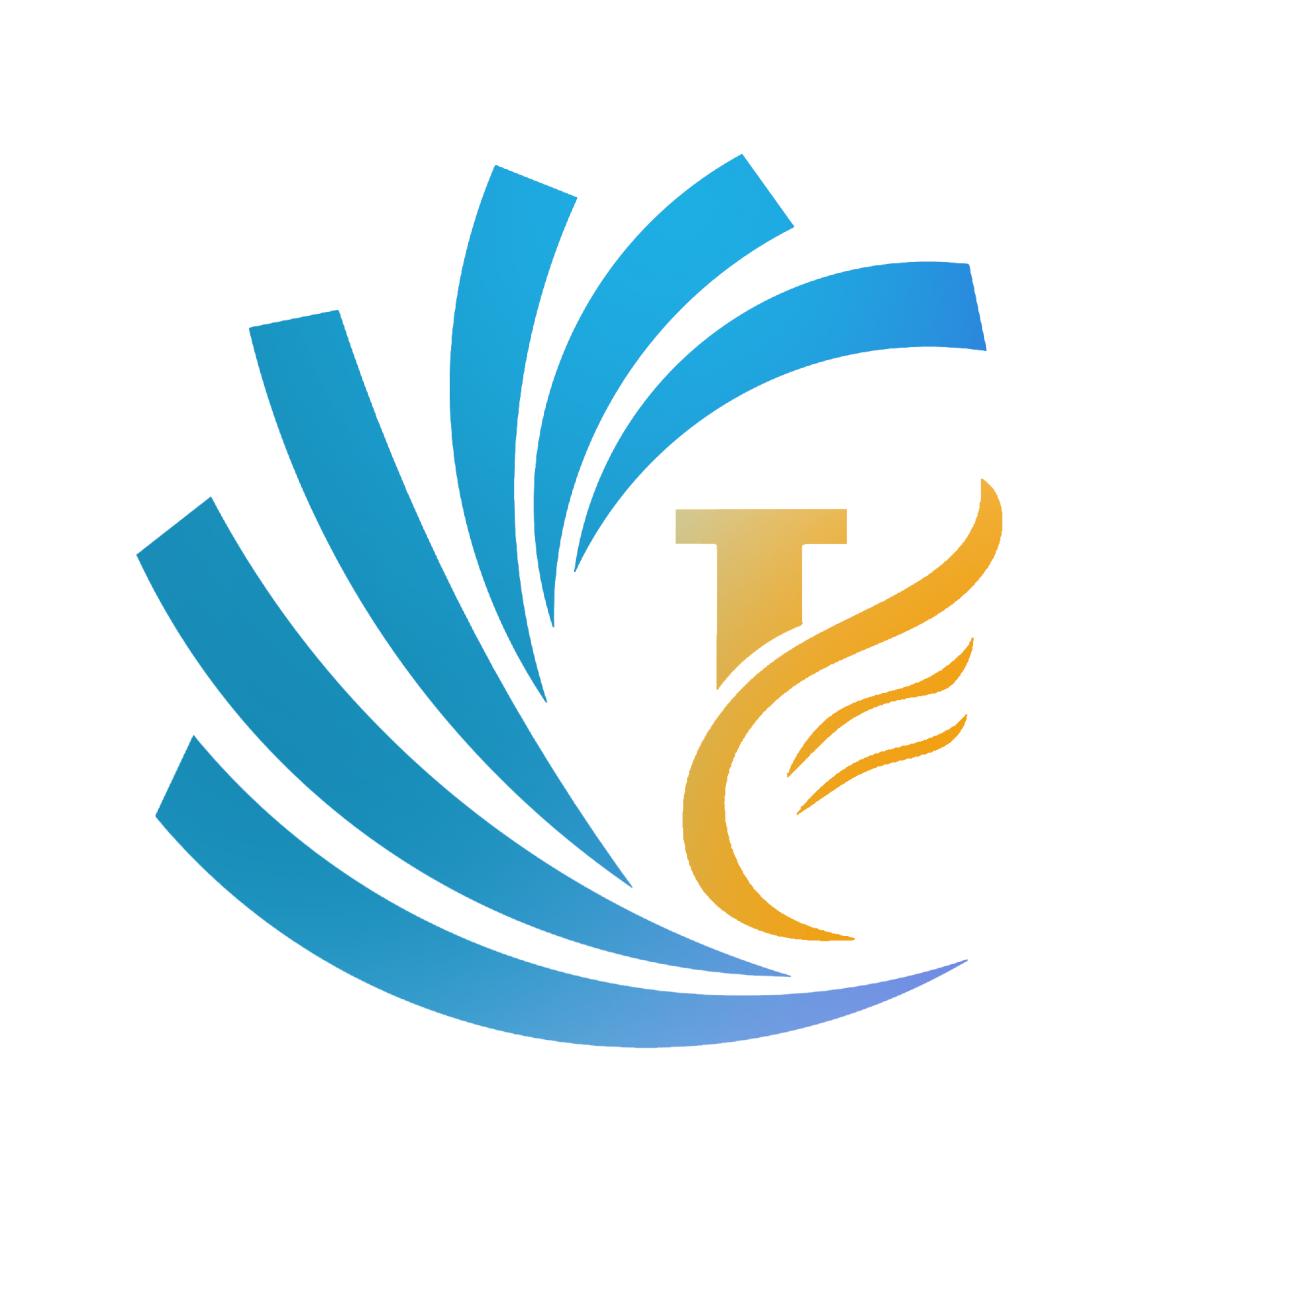 陜西宏源伯克新能源科技有限公司